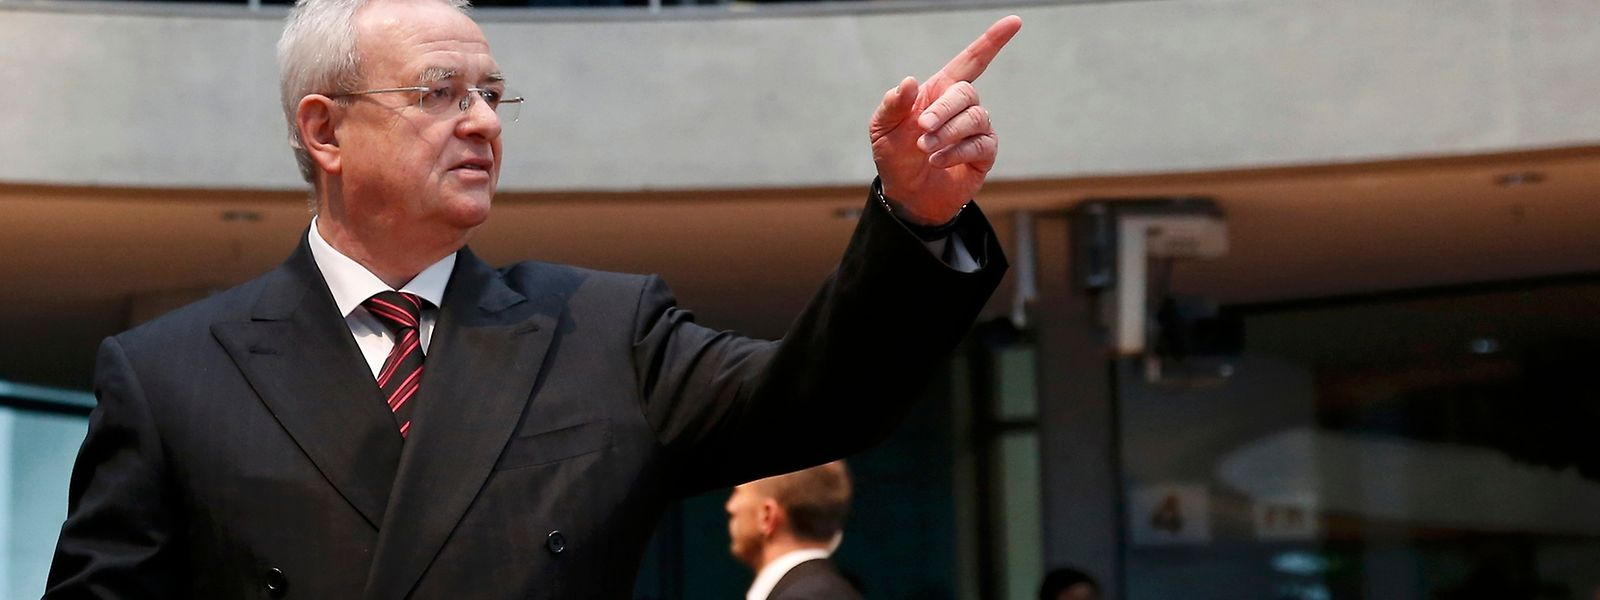 Äußerlich relativ unbewegt, doch mit ernster Miene kam der frühere VW-Chef in den Anhörungssaal des Bundestags.